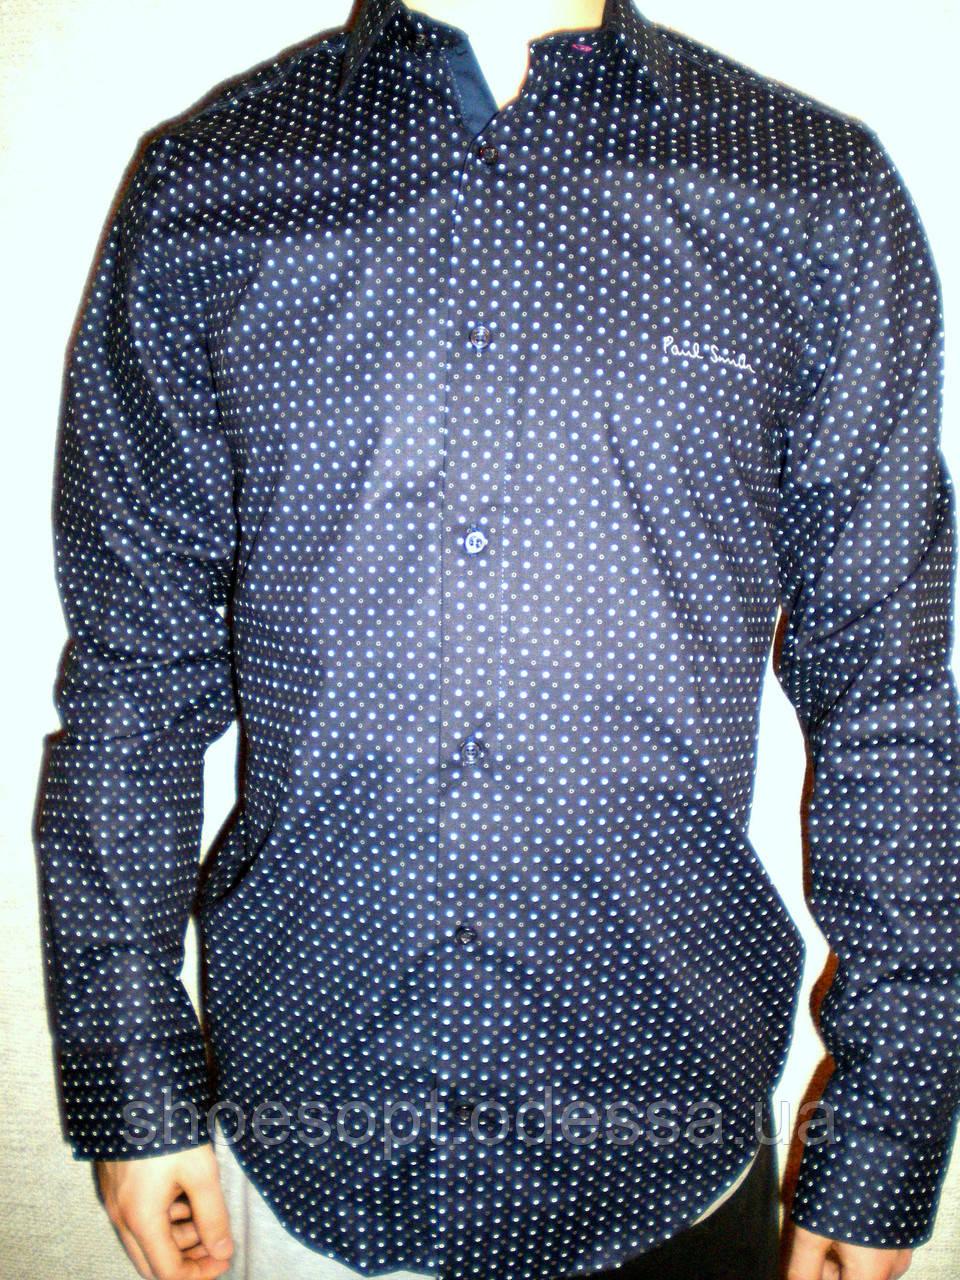 0b872bbeab7b Рубашка Paul Smith синяя модная длинный рукав Турция: продажа, цена ...